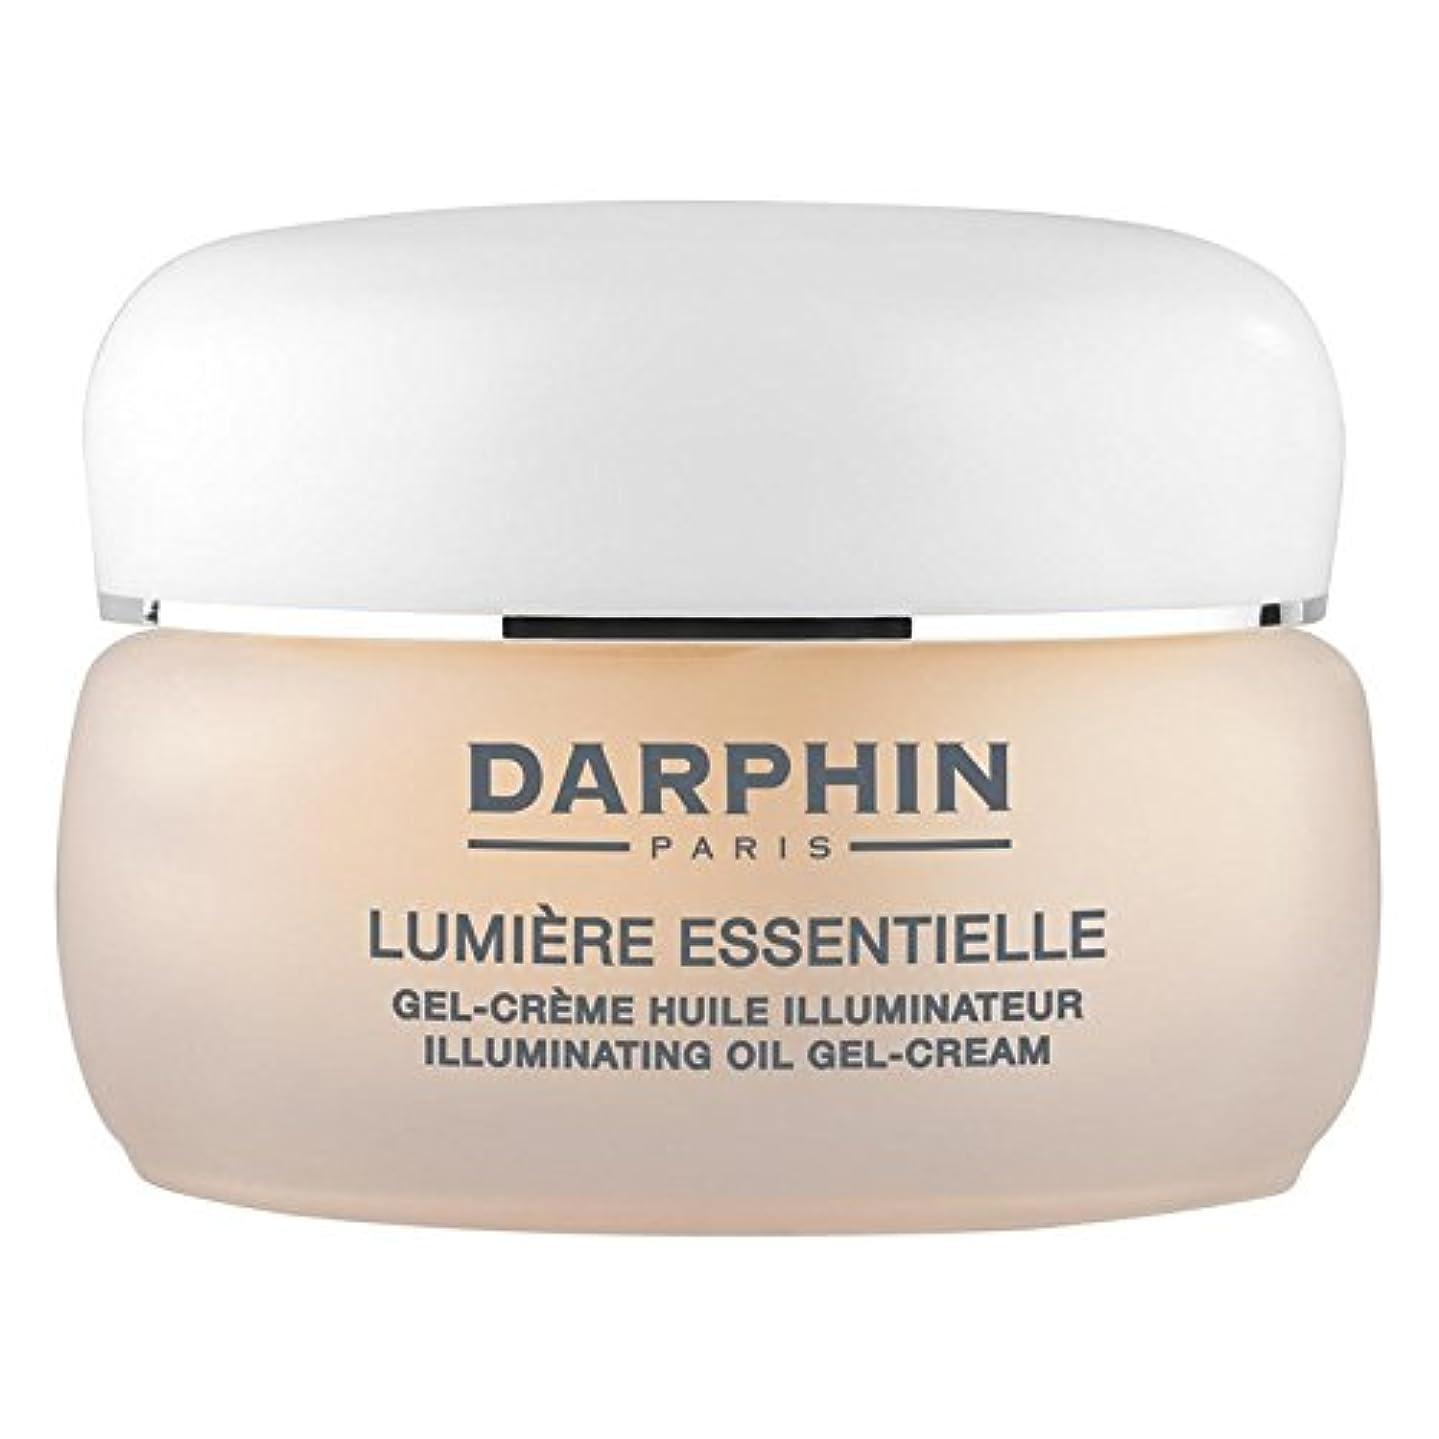 去るシガレット孤独なダルファンリュミエールクリーム x4 - Darphin Lumiere Essentiell Cream (Pack of 4) [並行輸入品]